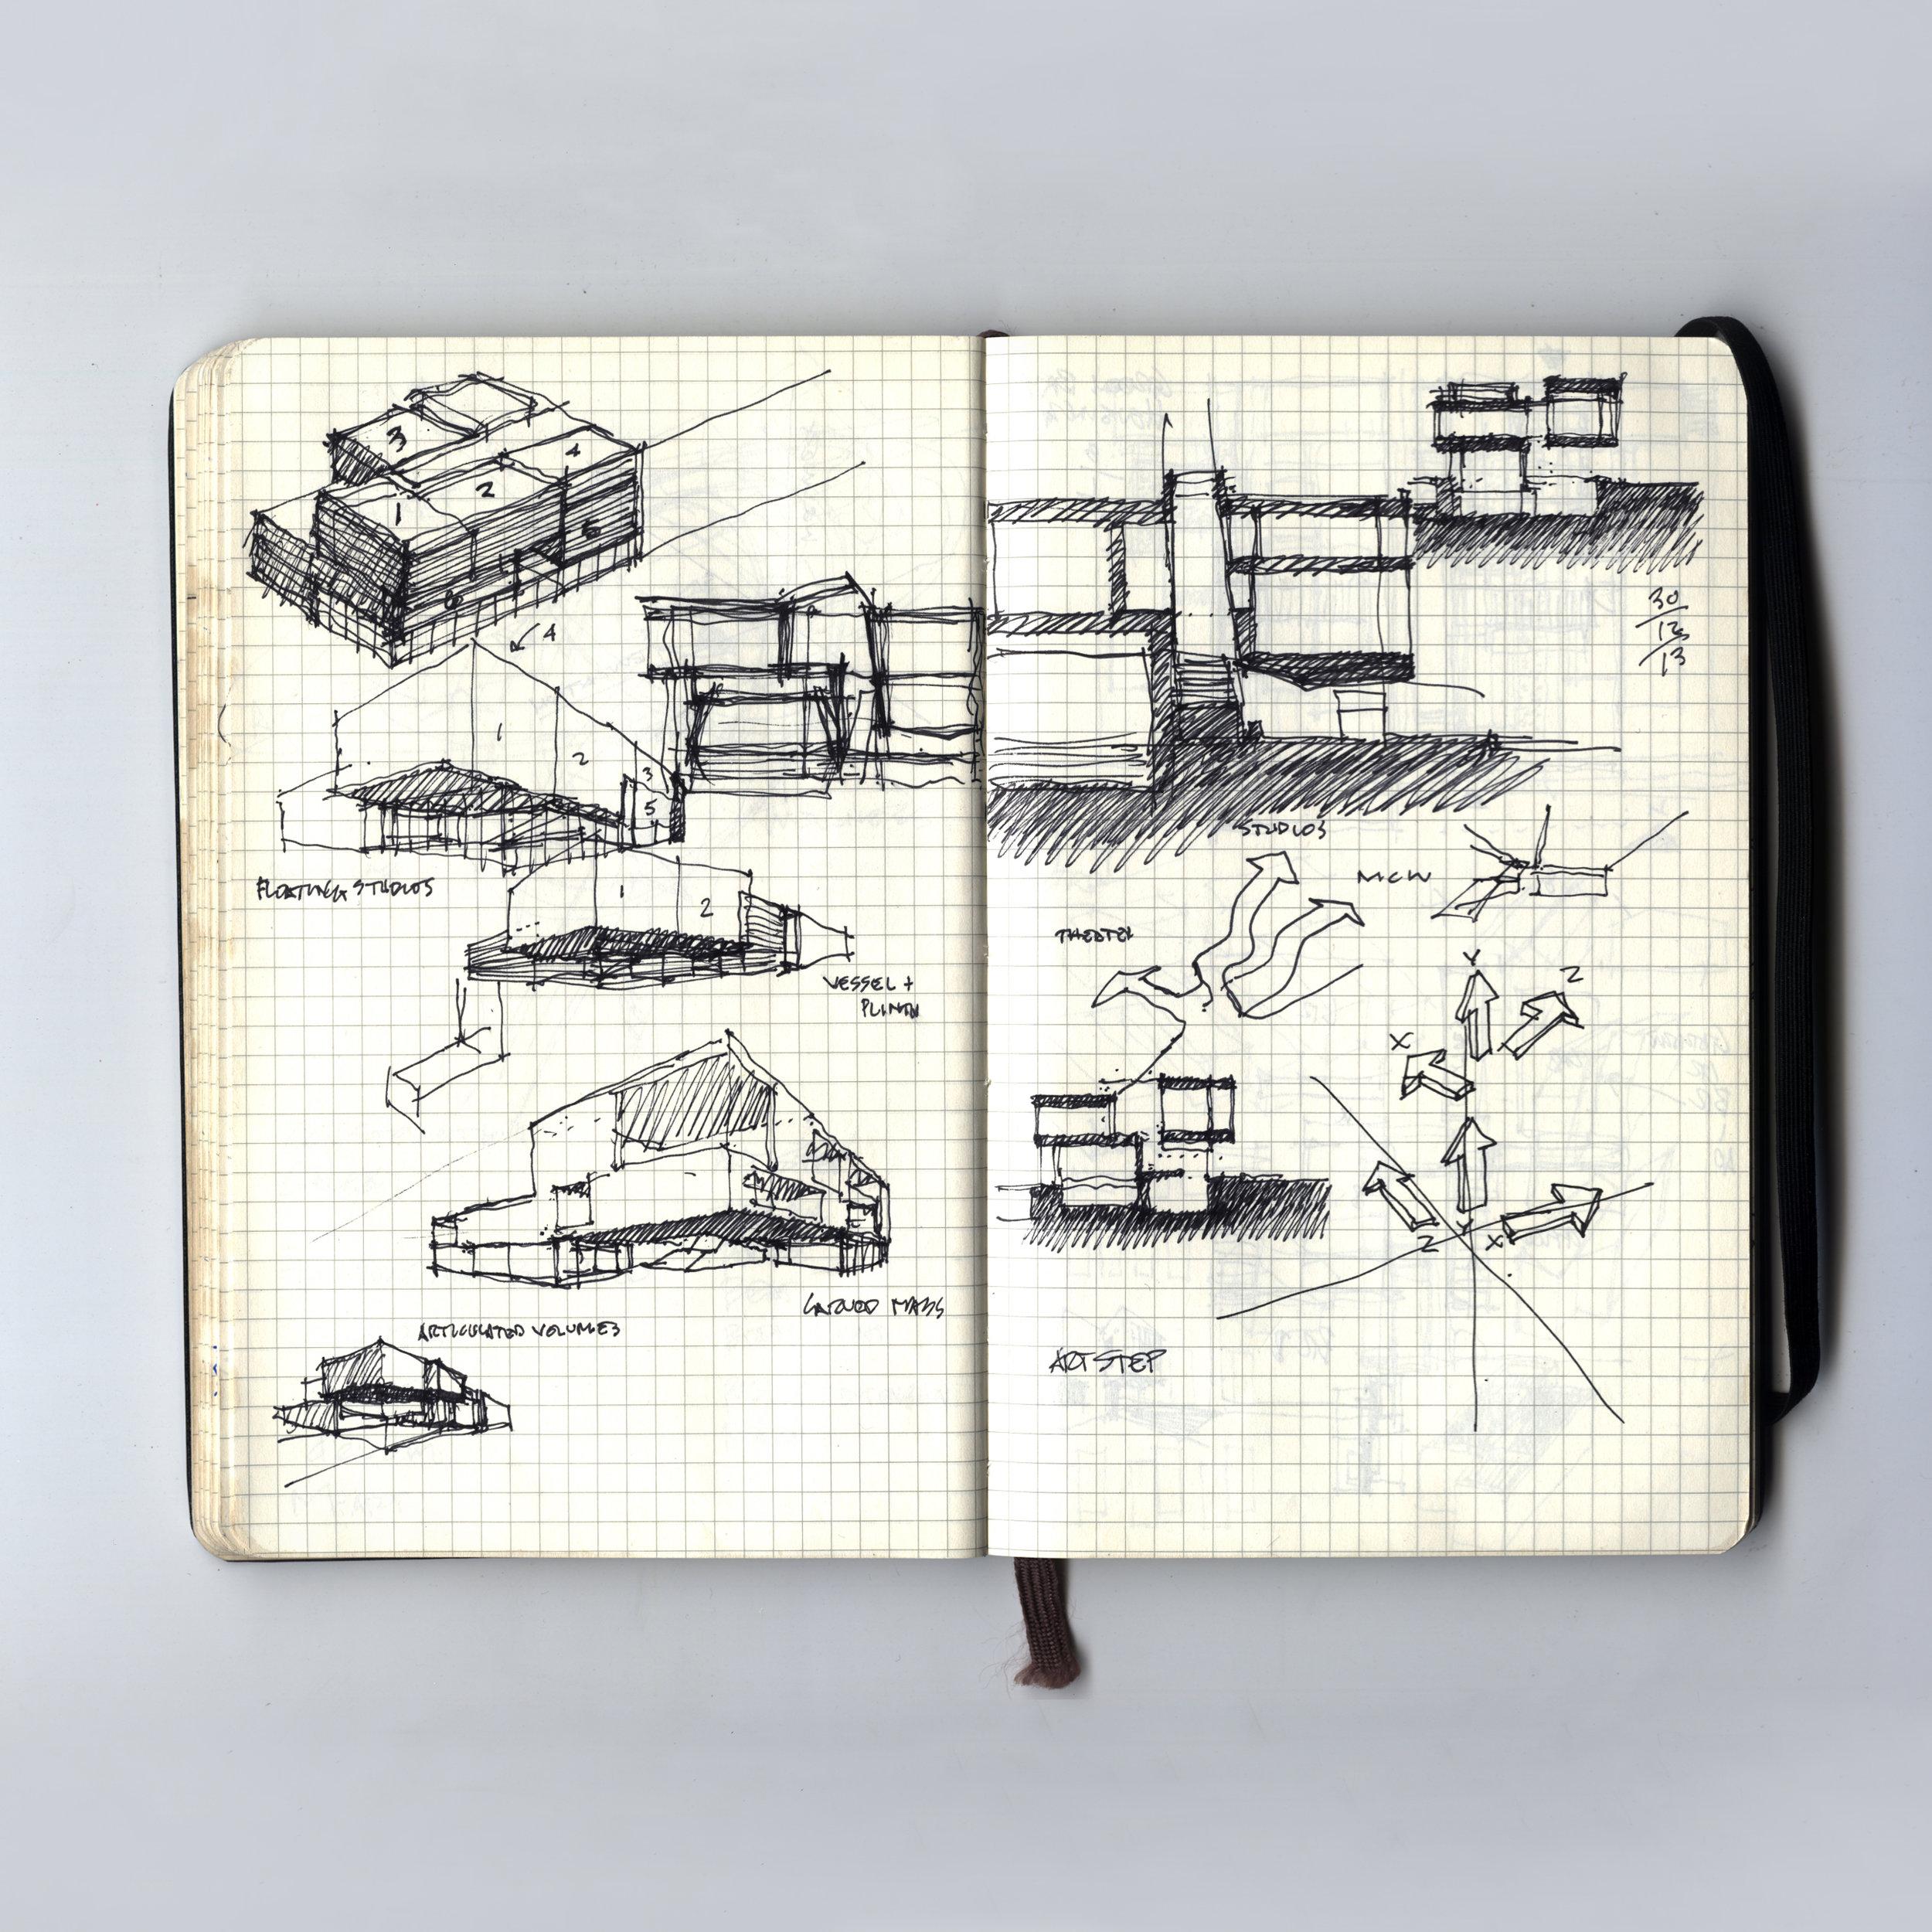 James-sketch4.jpg